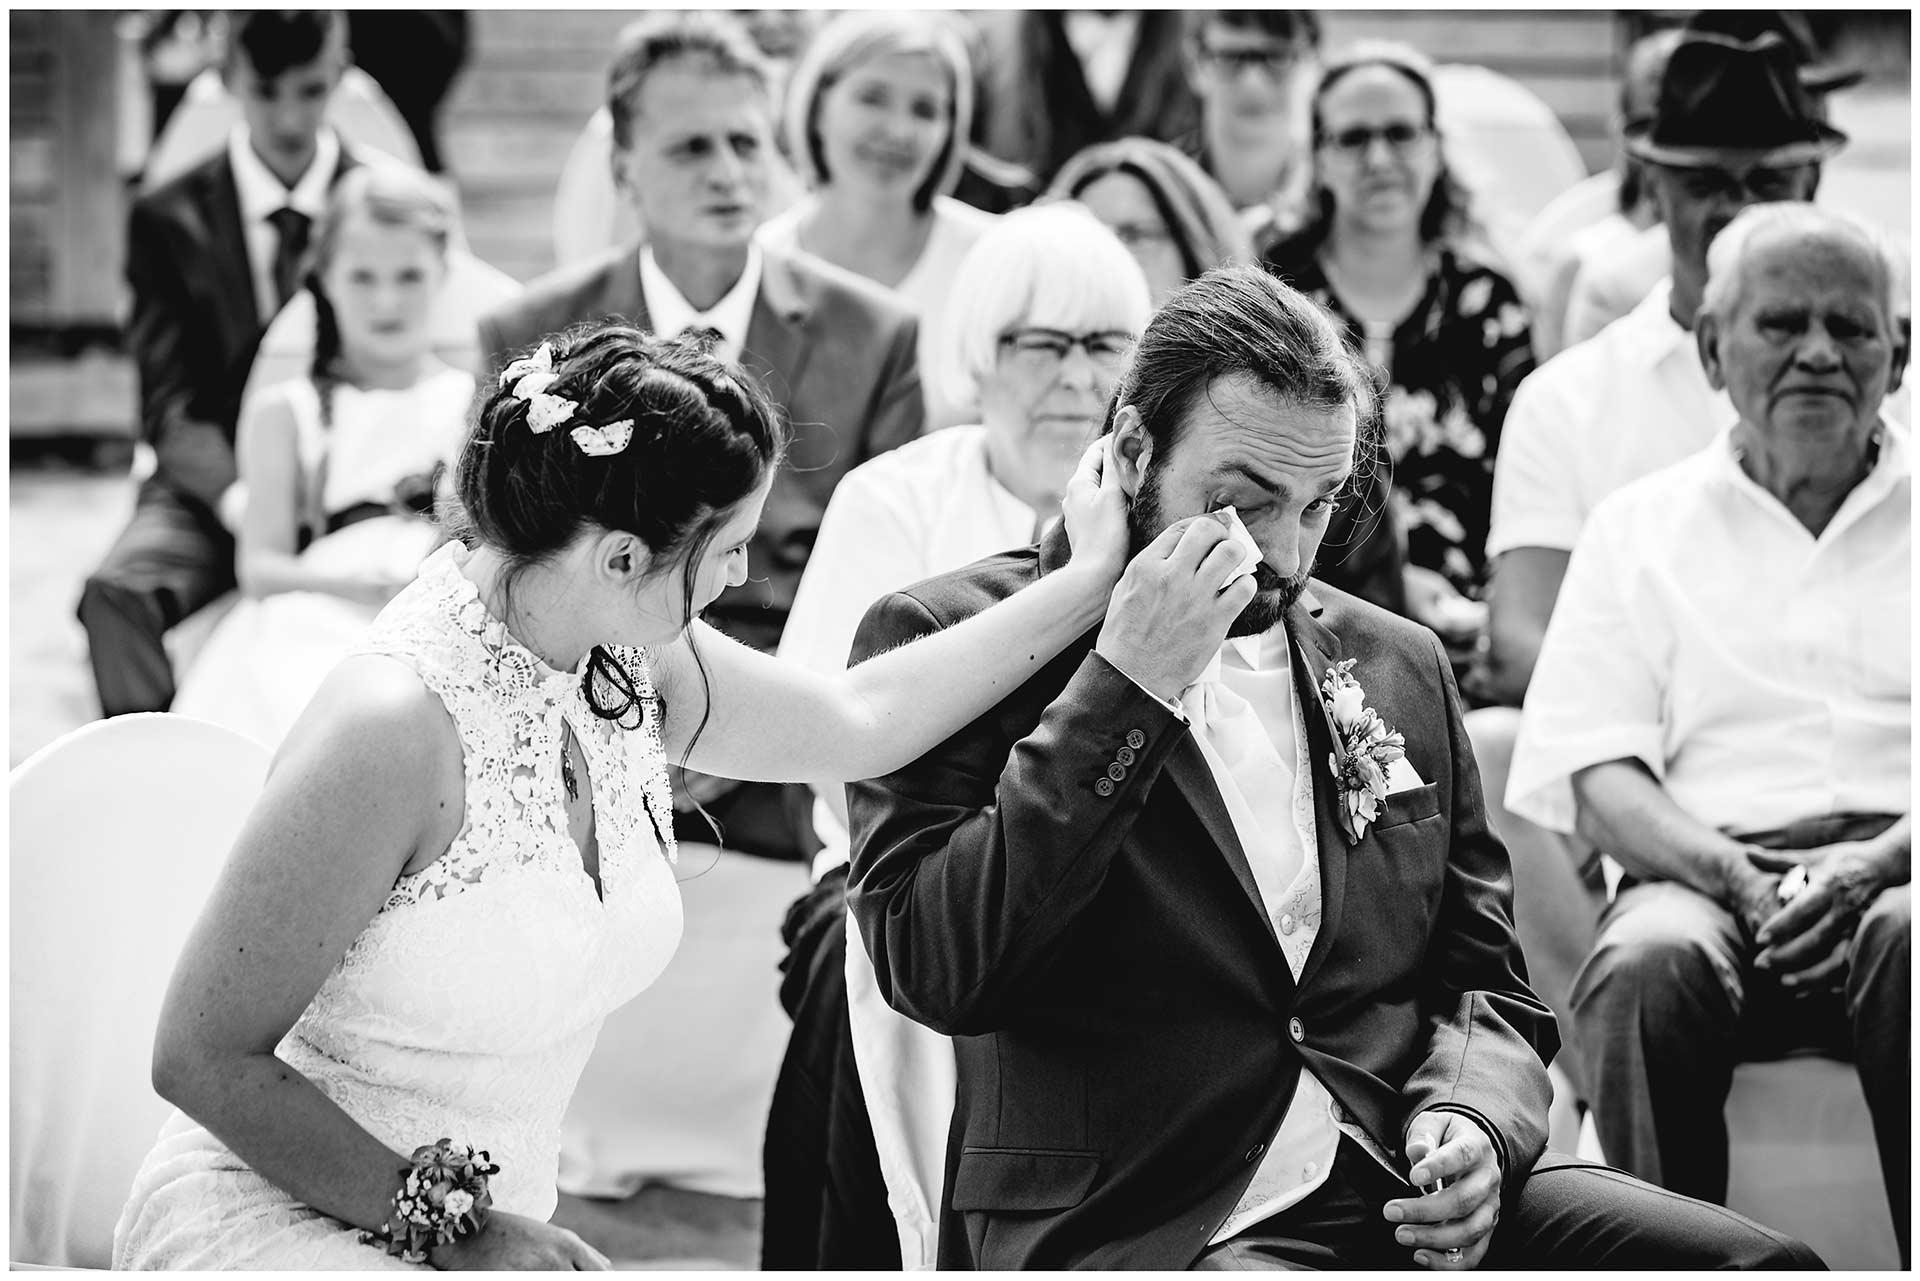 Braut-streichelt-liebevoll-die-Wange-ihres-Mannes_Braeutigam-wischt-sich-eine-Traene-aus-seinem-Gesicht-Hochzeit-am-Strand-Hochzeitsfotograf-Warnemuende-Hochzeitsfotograf-Rostock-Hochzeitsfotograf-Ostseebad-Warnemuende